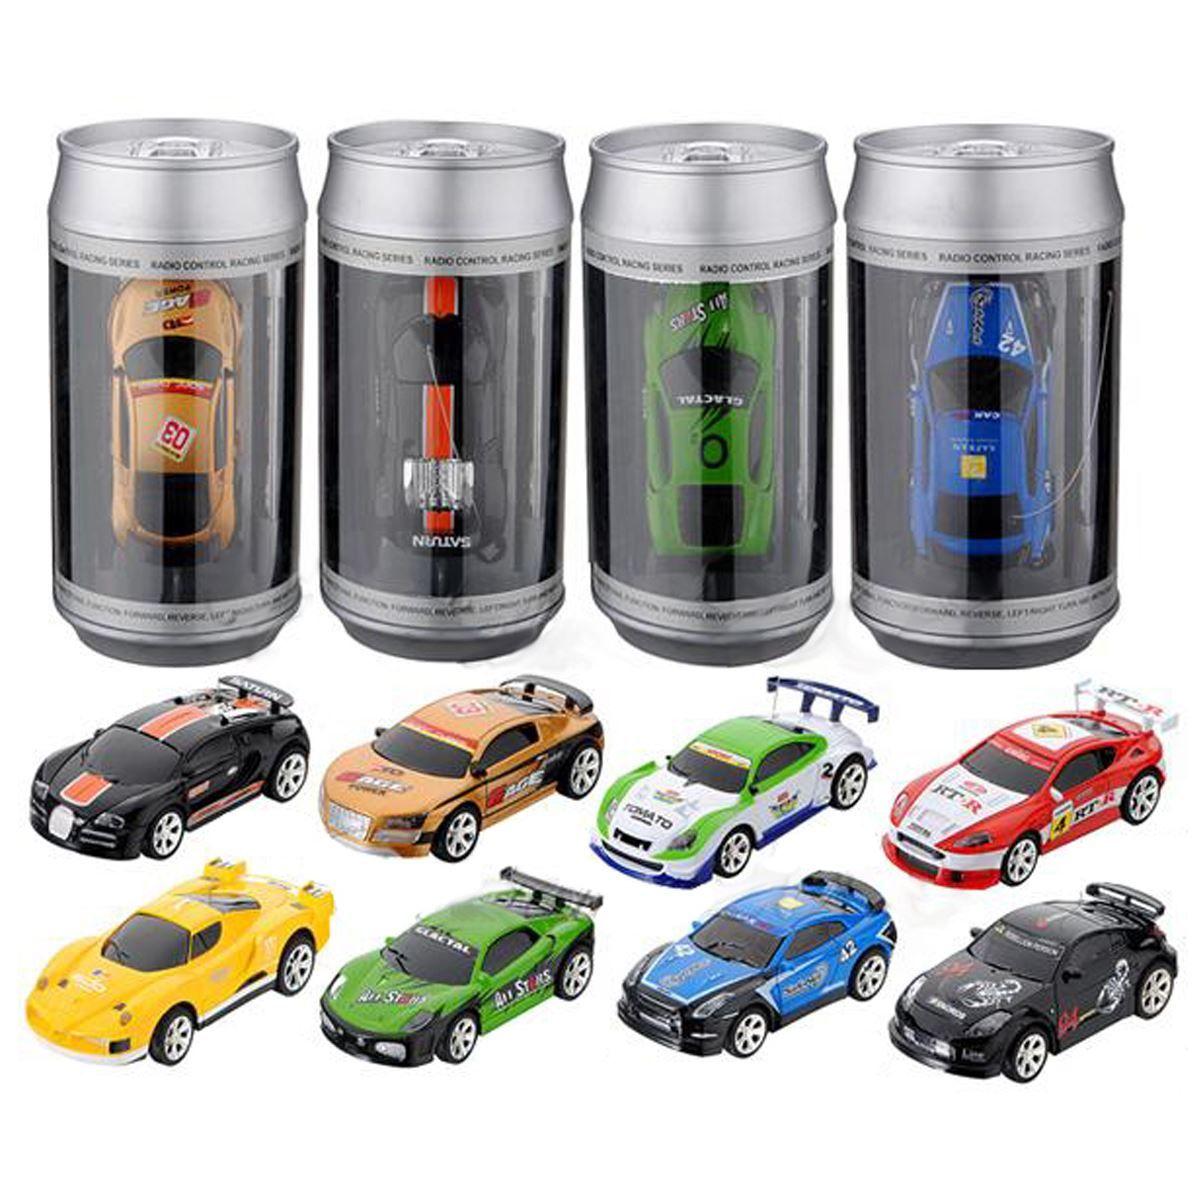 8 couleurs offres spéciales 20 KM/H Coke peut Mini RC voiture Radio télécommande Micro voiture de course 4 fréquences jouet pour enfants